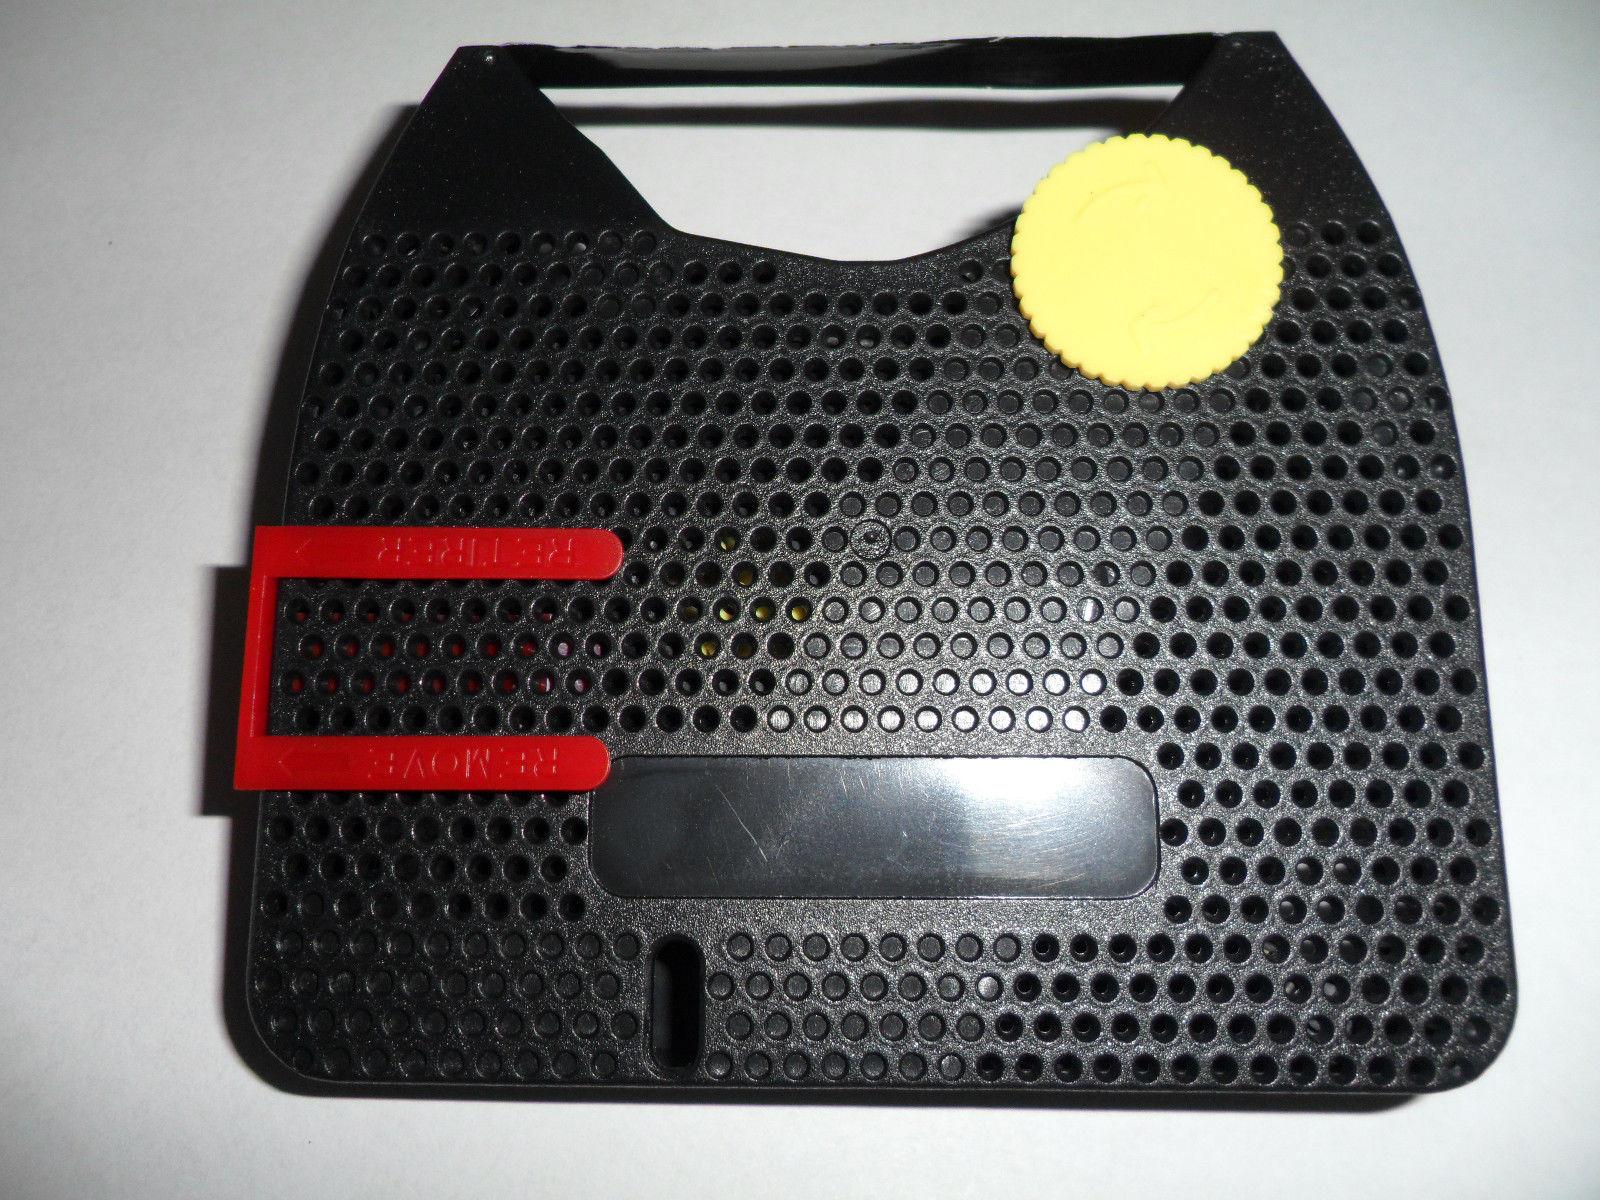 Smith Corona PWP 7000LT PWP 7100LT Typewriter Ribbon (2 Pack) Replaces 21000